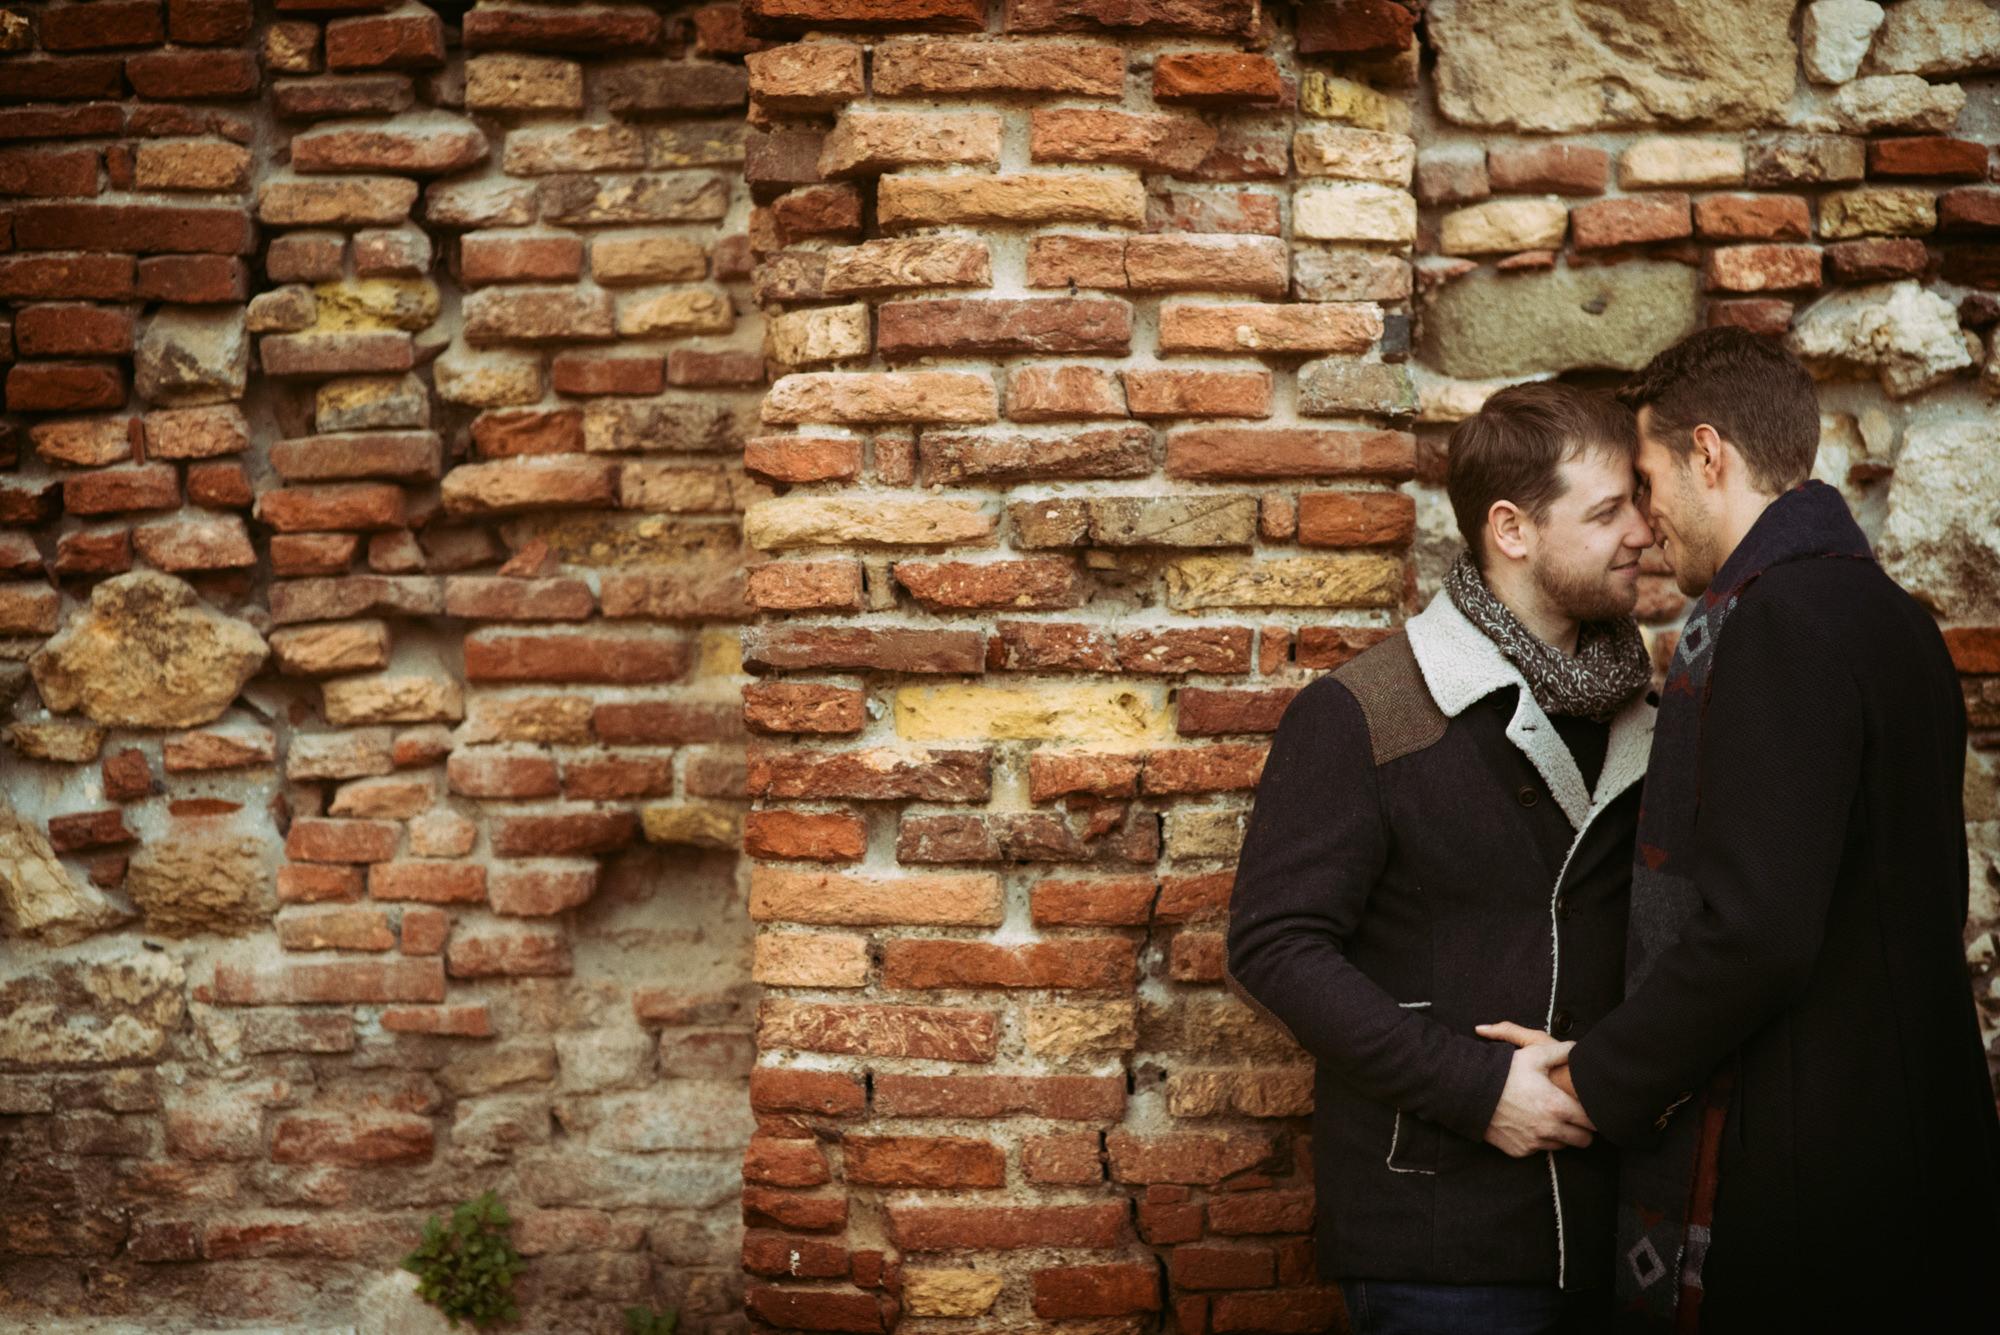 samesex couple photos italy 022 - Same-Sex Couple Photos Italy - Luca & Filippo